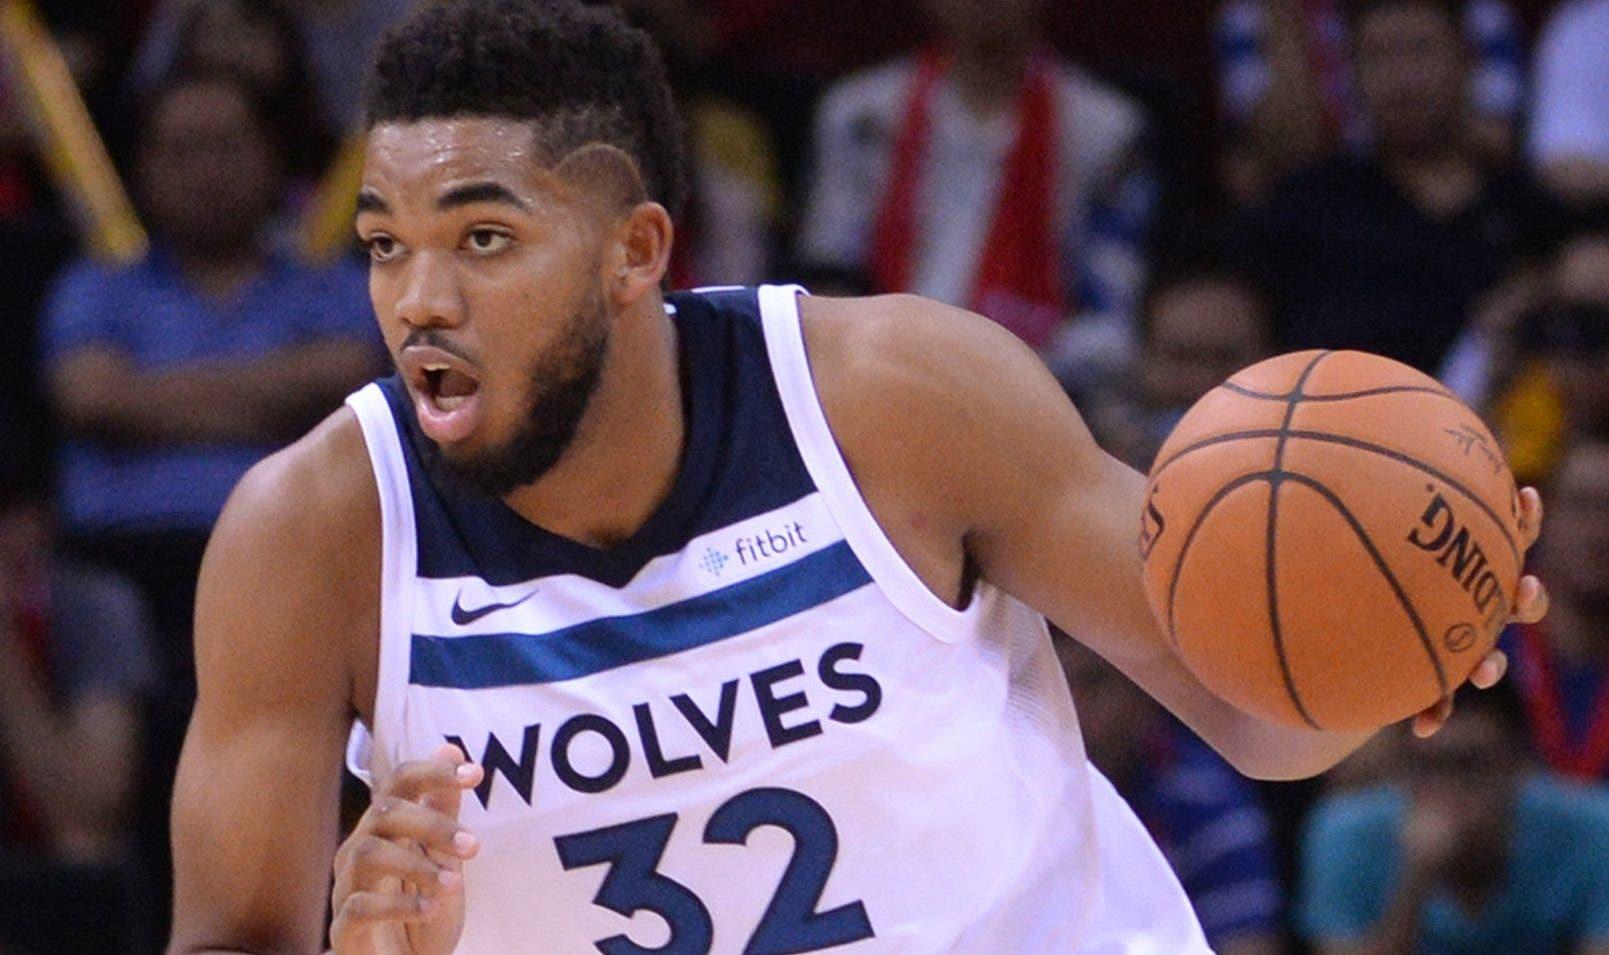 Karl-Anthony Towns sería una gran atracción con el equipo dominicano en la Copa Mundial FIBA  2019 en China.  AP